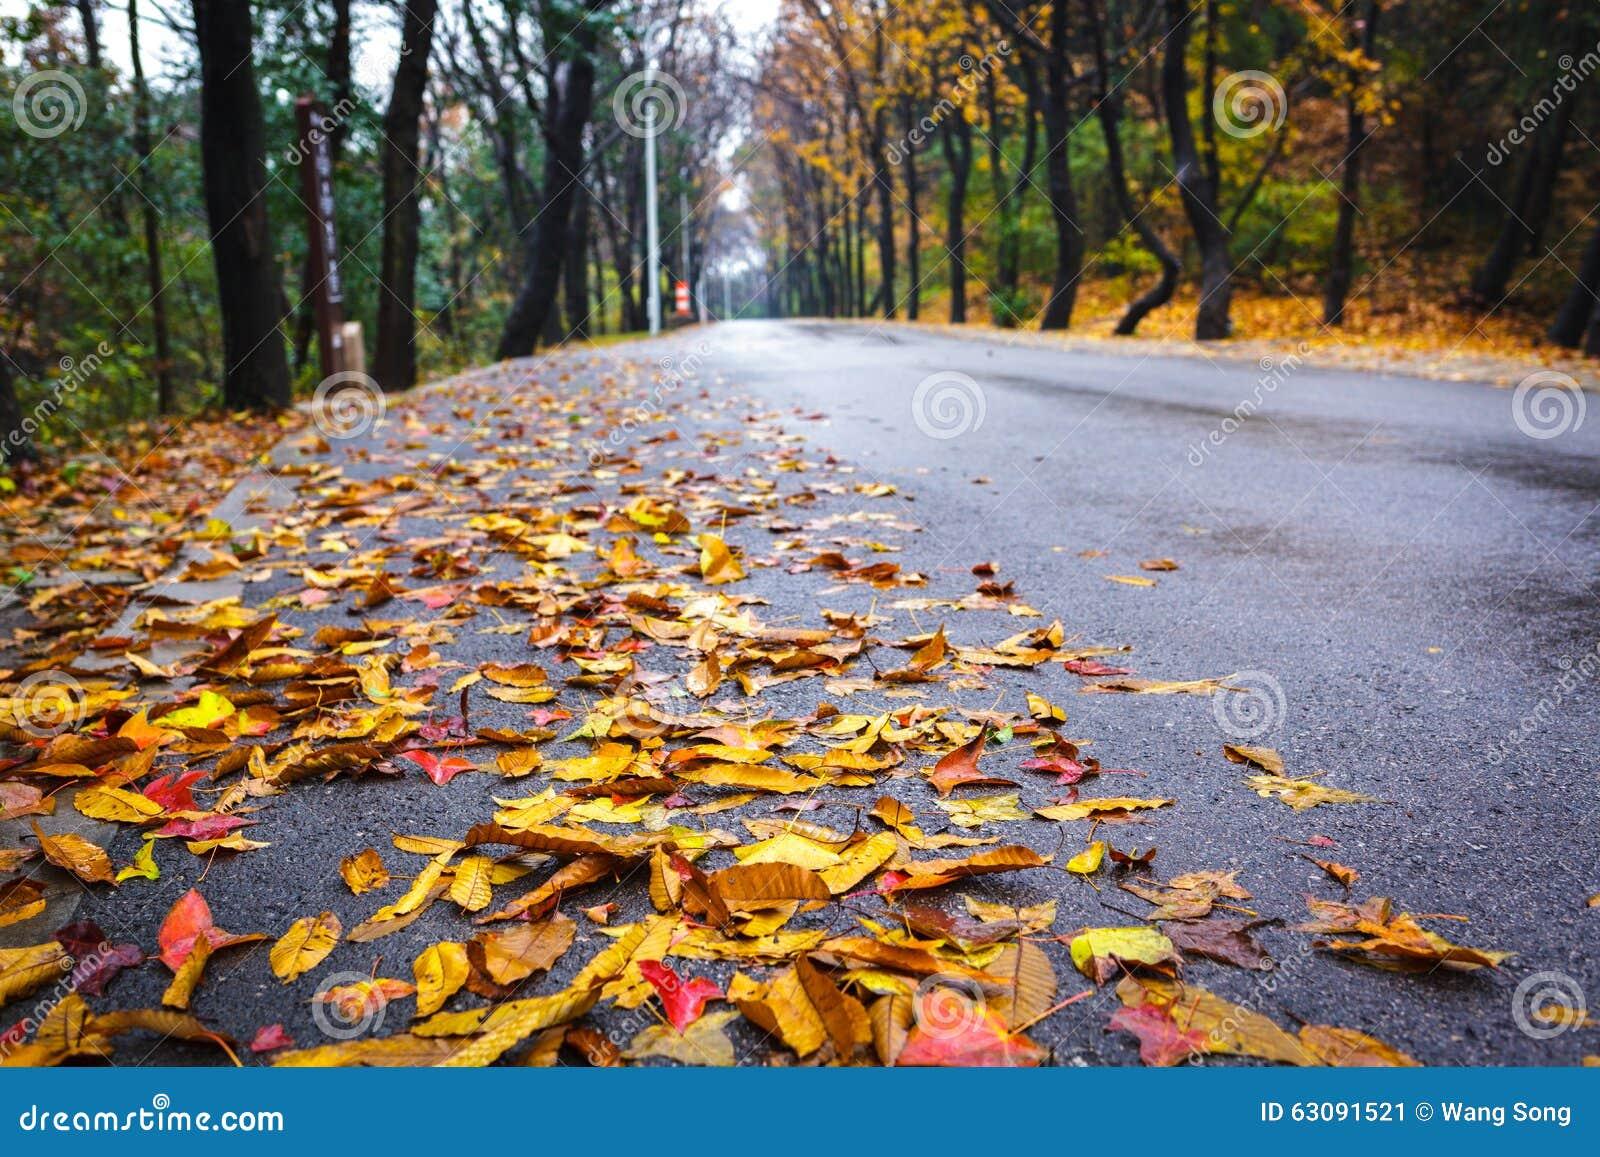 Download Lame D'érable Sur L'asphalte Image stock - Image du asphalte, marche: 63091521